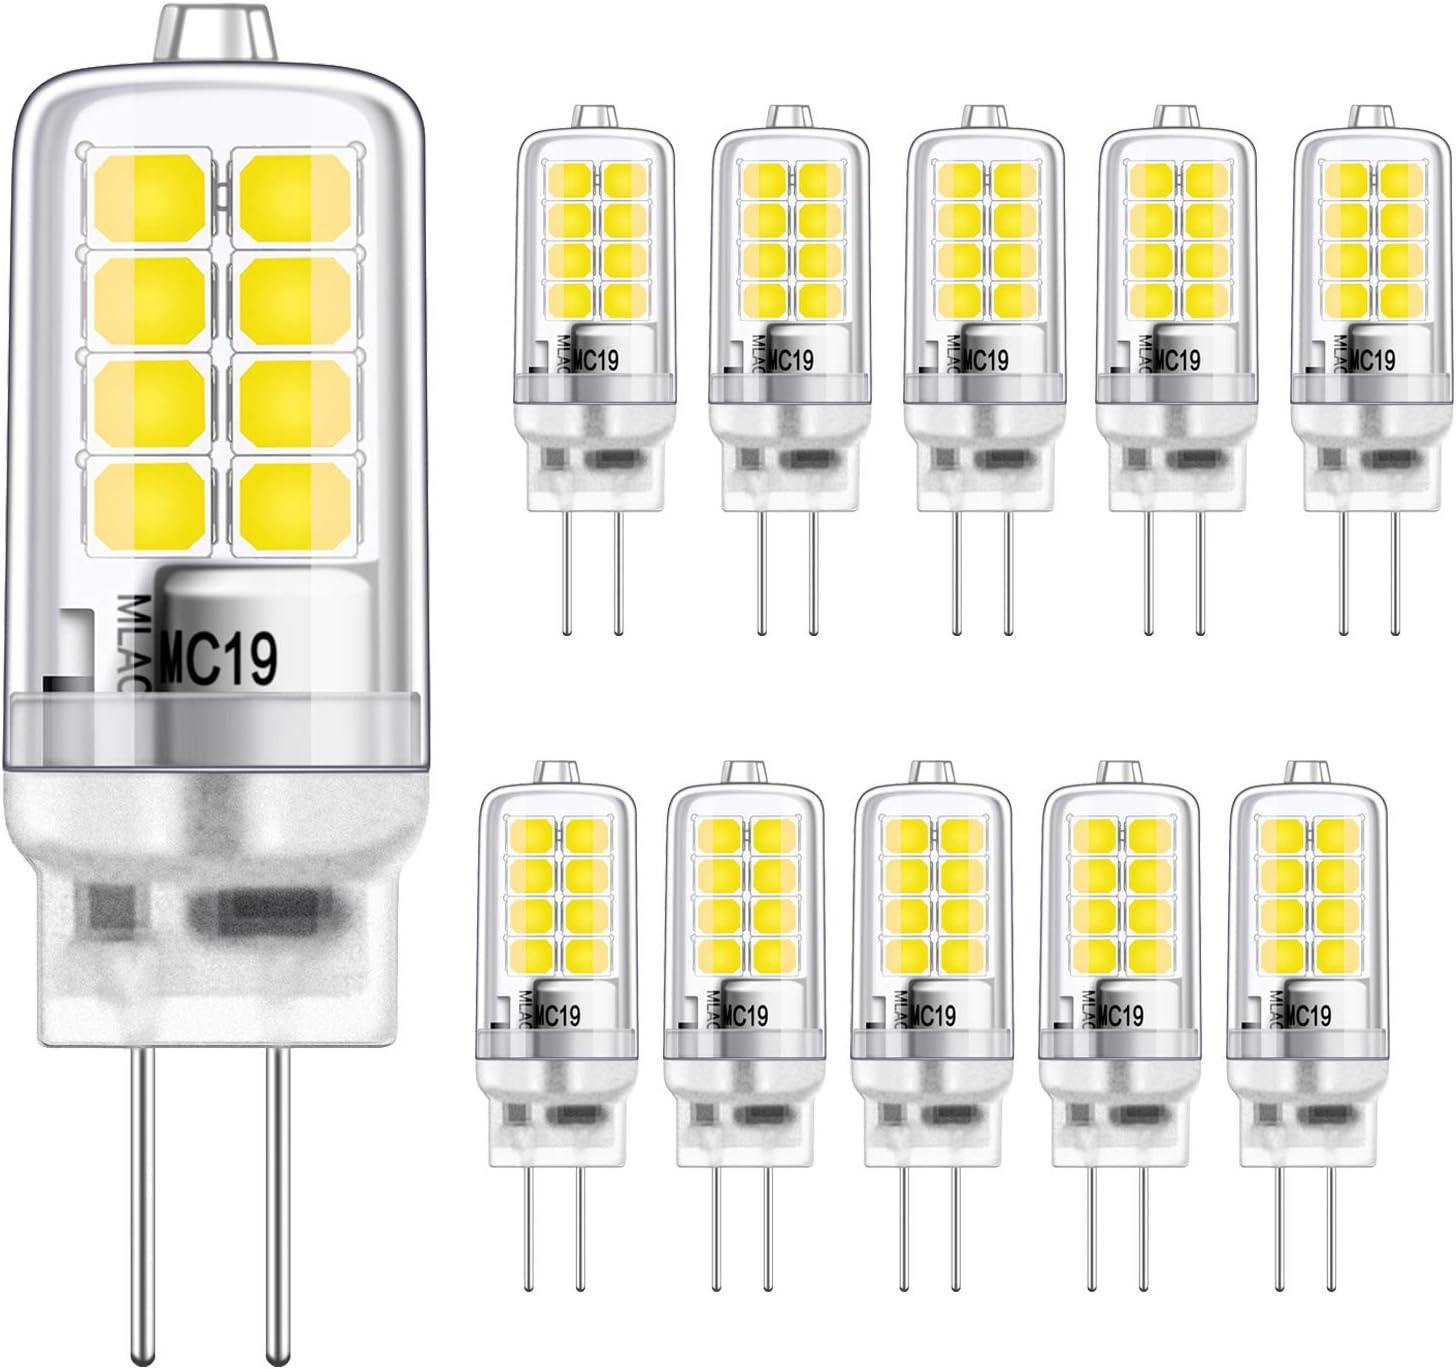 LED G4 Bulbo 2W Equivalente a 20W Halógeno Bombillas, Blanco frío 6000K, g4 Enchufe El ahorro de energía , Sin parpadeo, No regulable, 320LM, 12V AC / DC, Paquete de 10